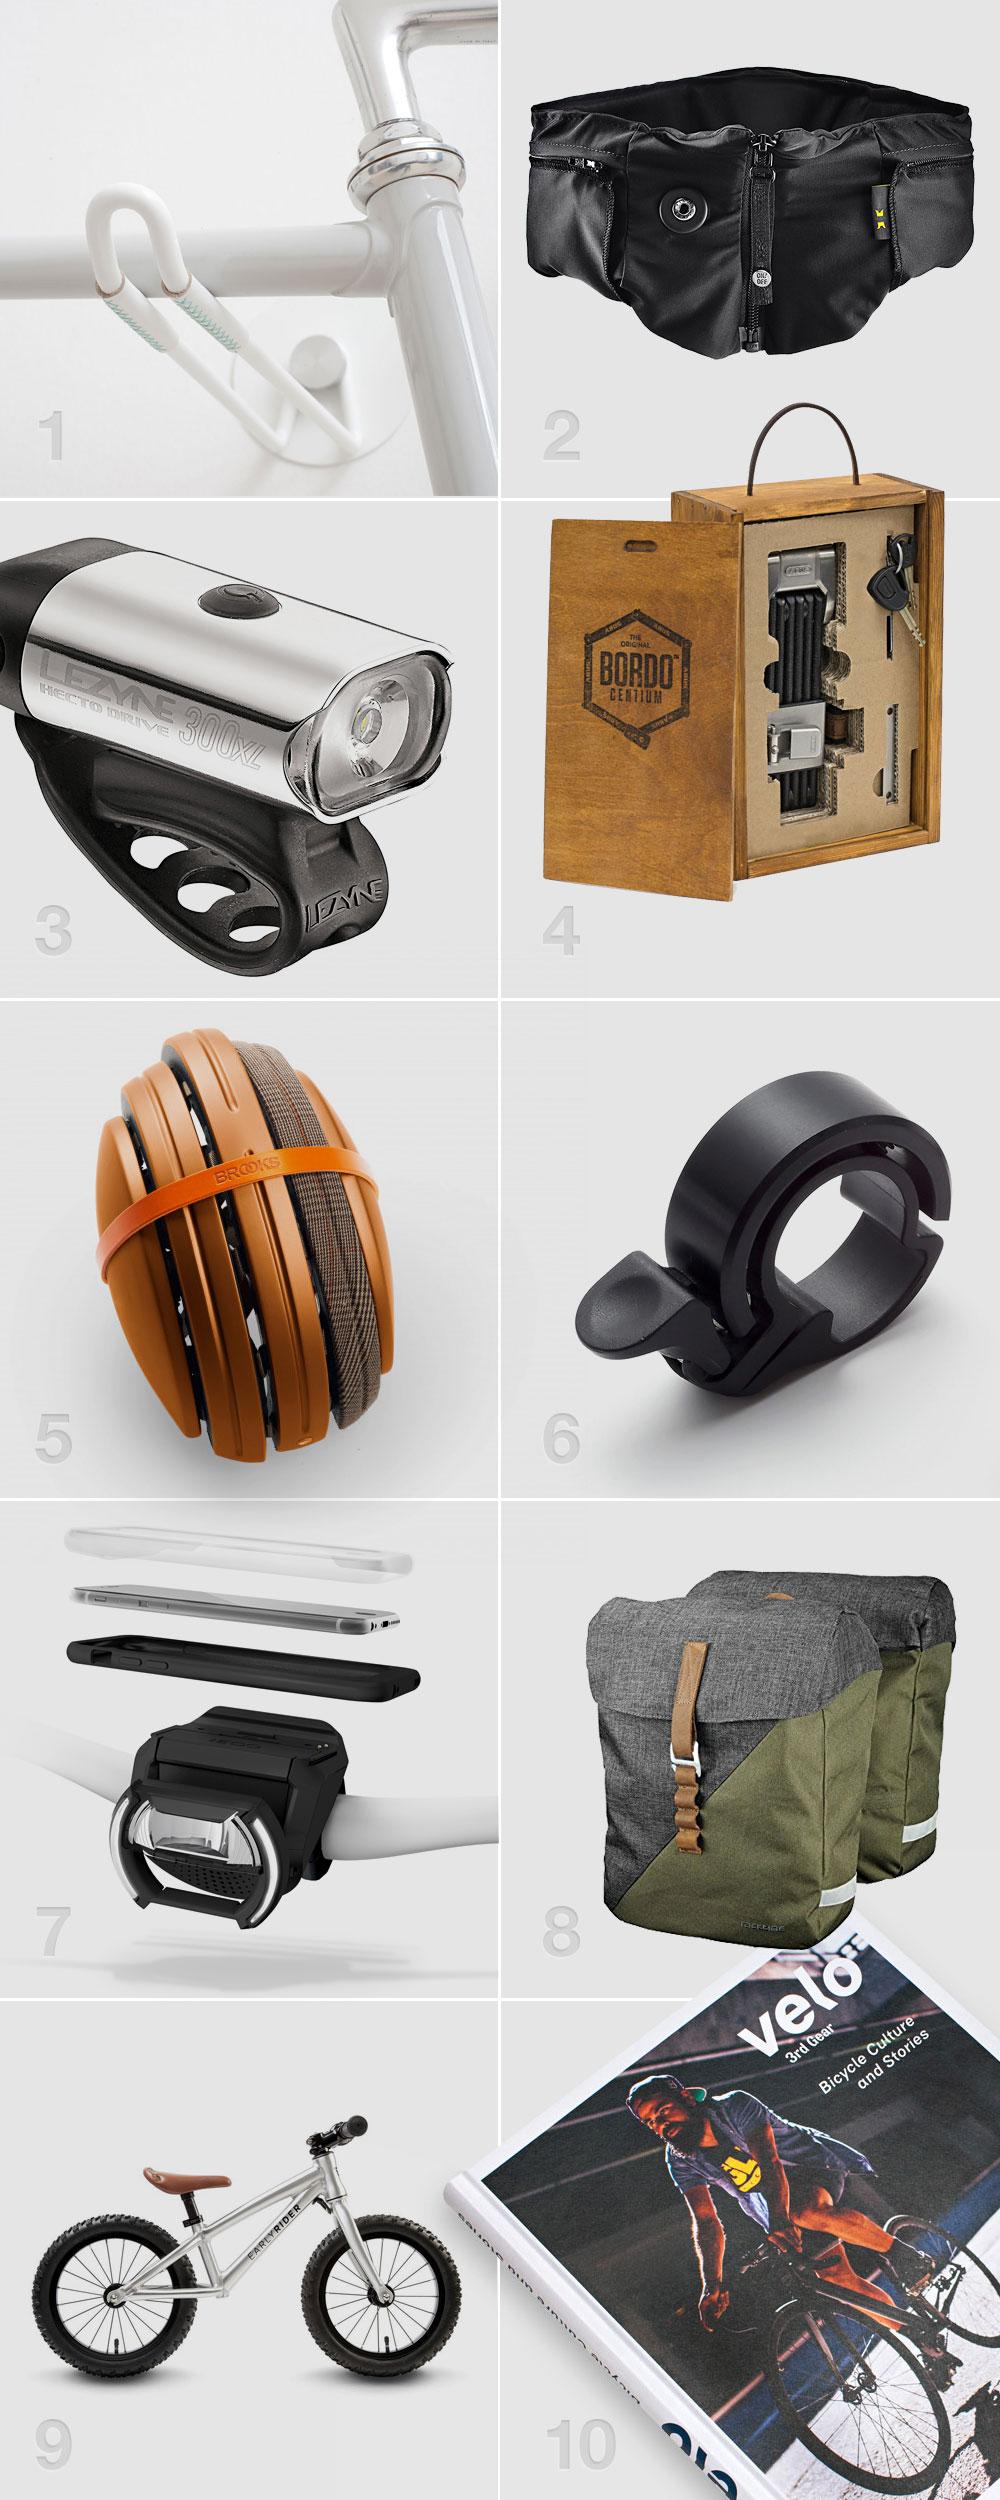 Wgt16 Rad Bike Pedelec Und Fahrrad Geschenke Fur Design Fans